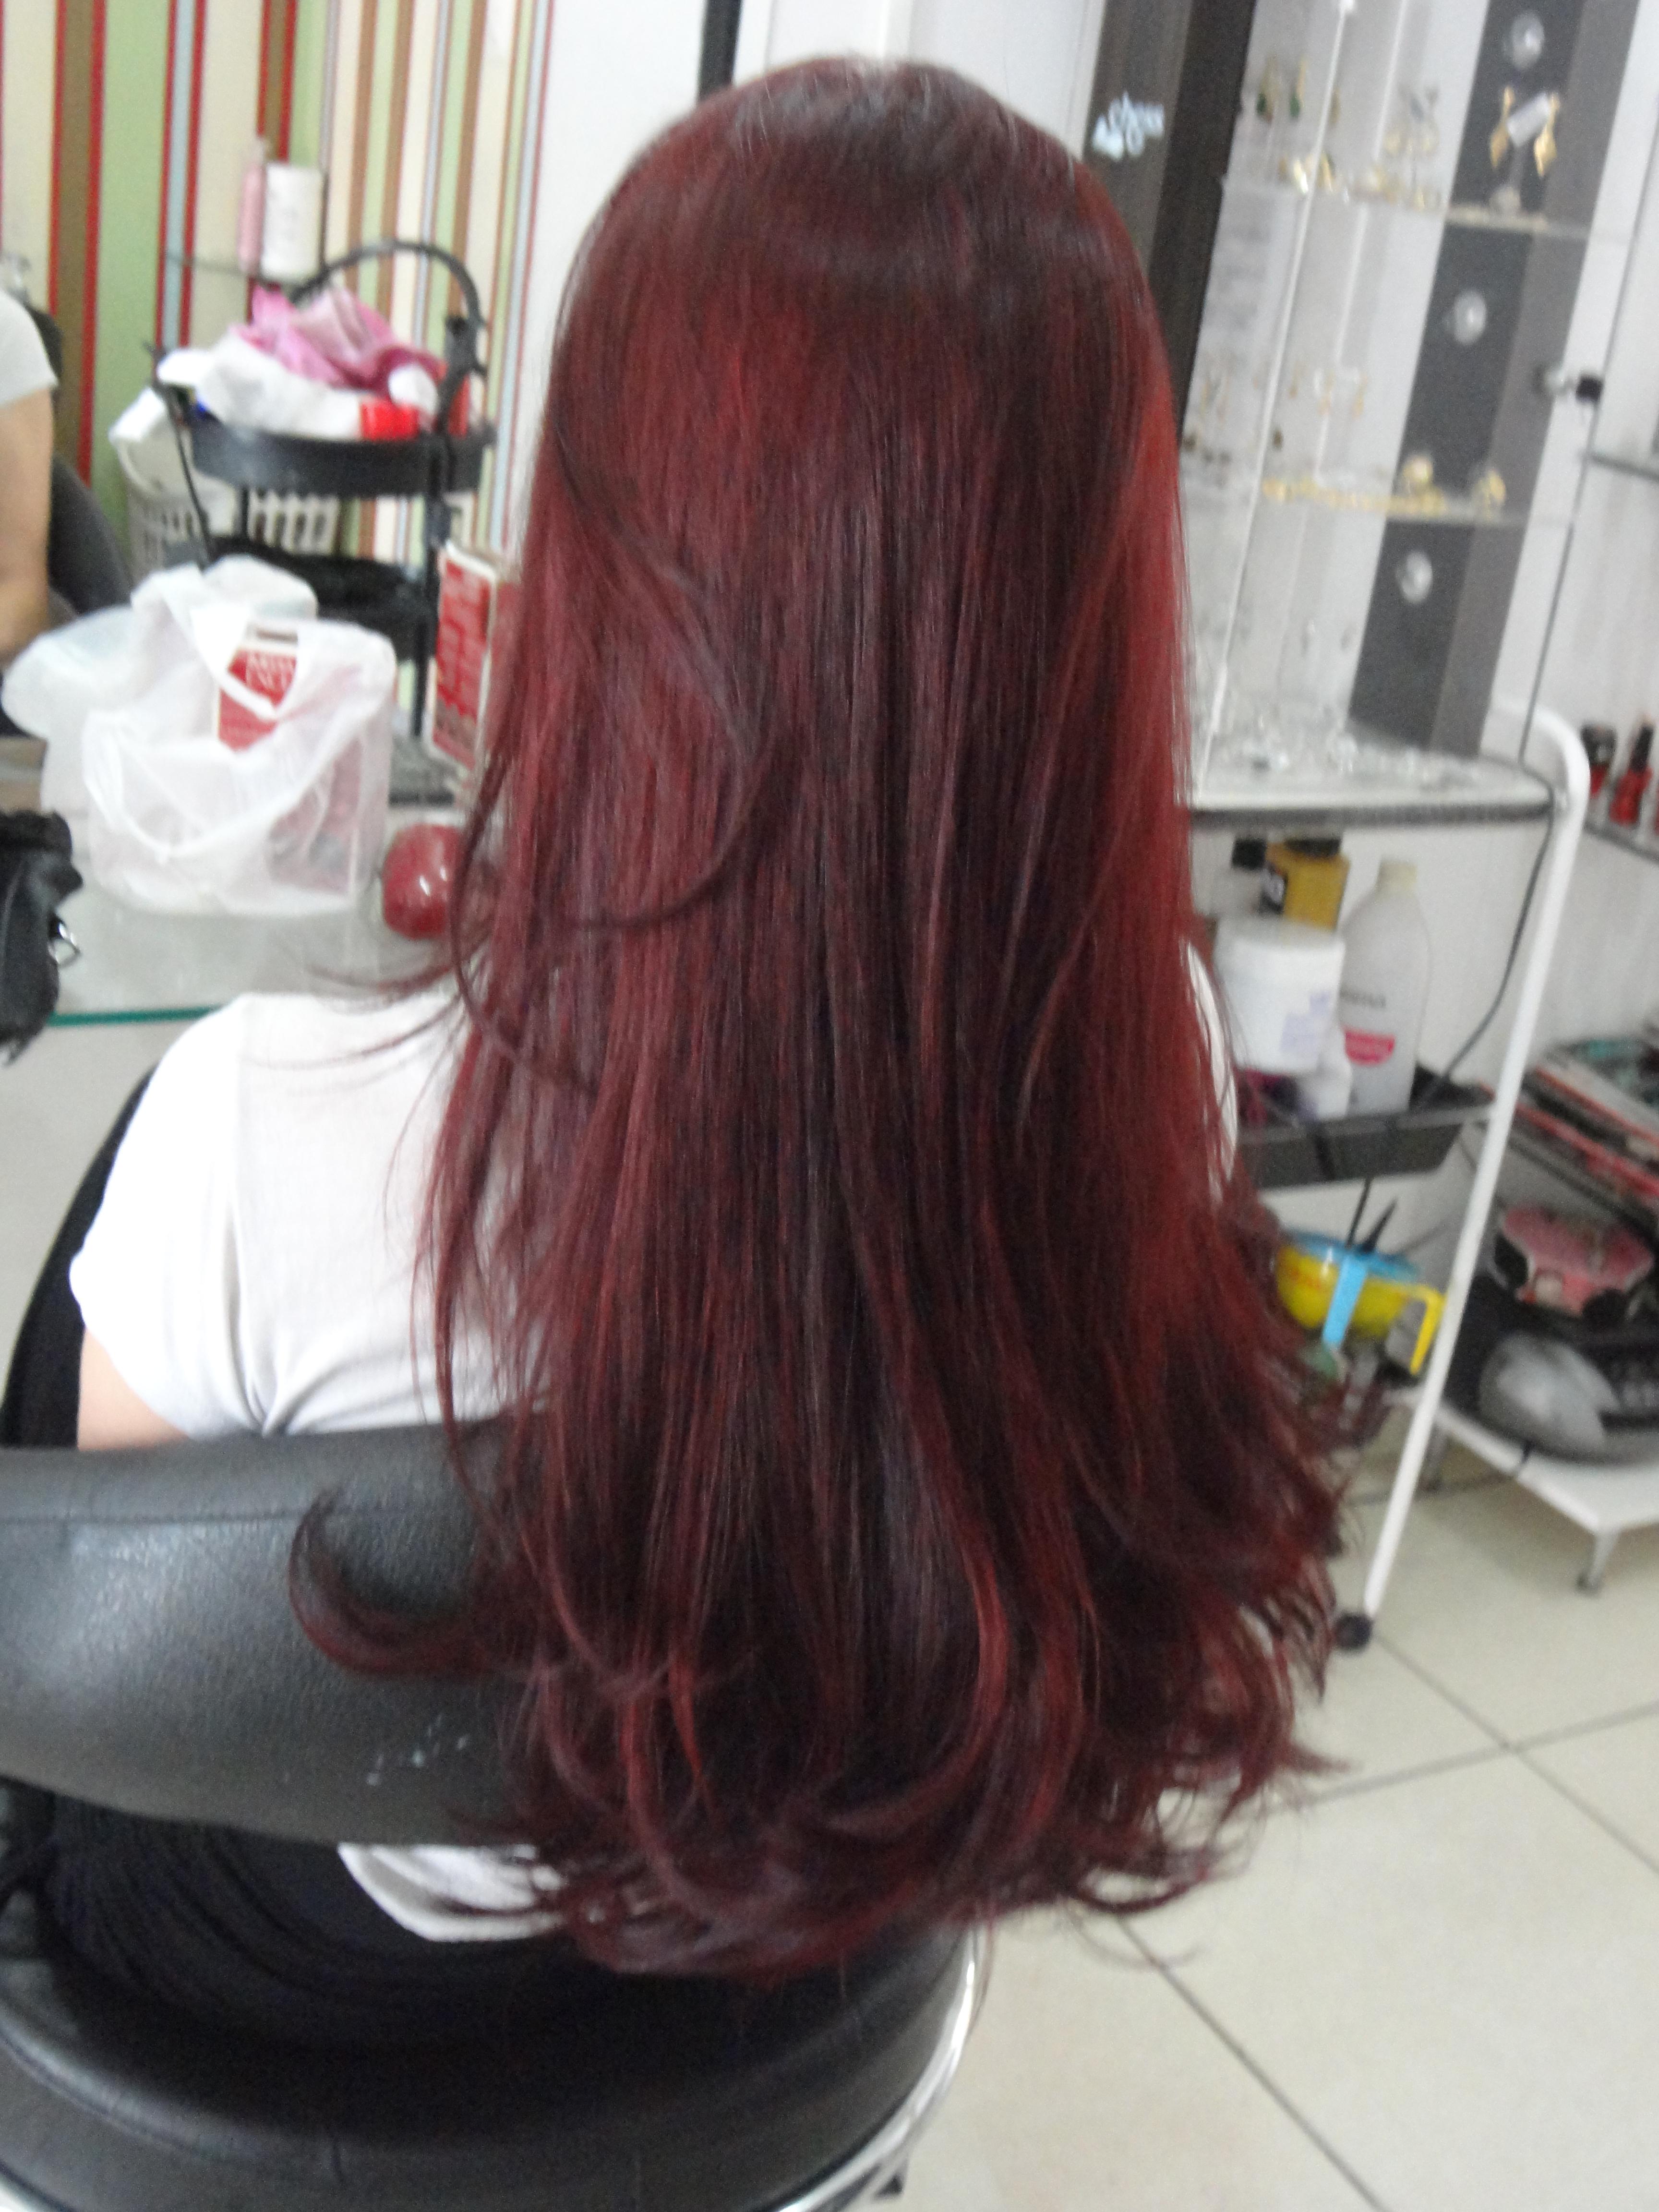 Trabalho realizado por mim  Coloracao 6.88 Igora Royal,Corte e escova vinho  cabelo  cabeleireiro(a)